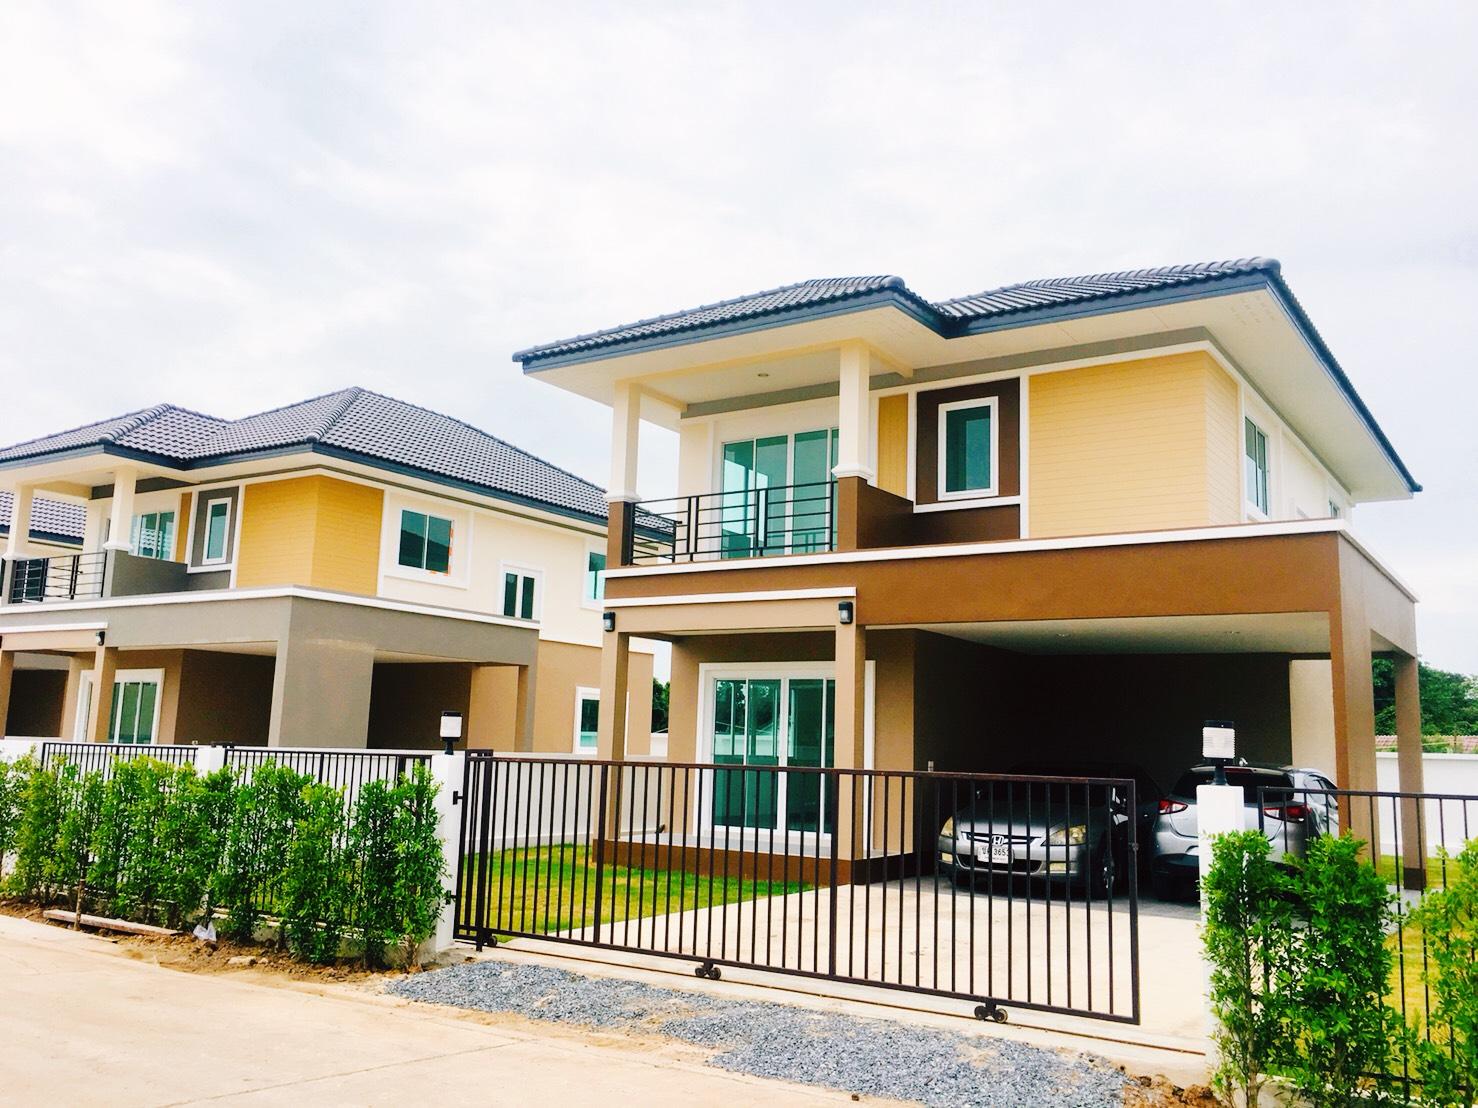 6 บ้านเดี่ยวราคาไม่เกิน 3 ล้าน สวยพร้อมอยู่ ขนาดใหญ่ |tooktee.com